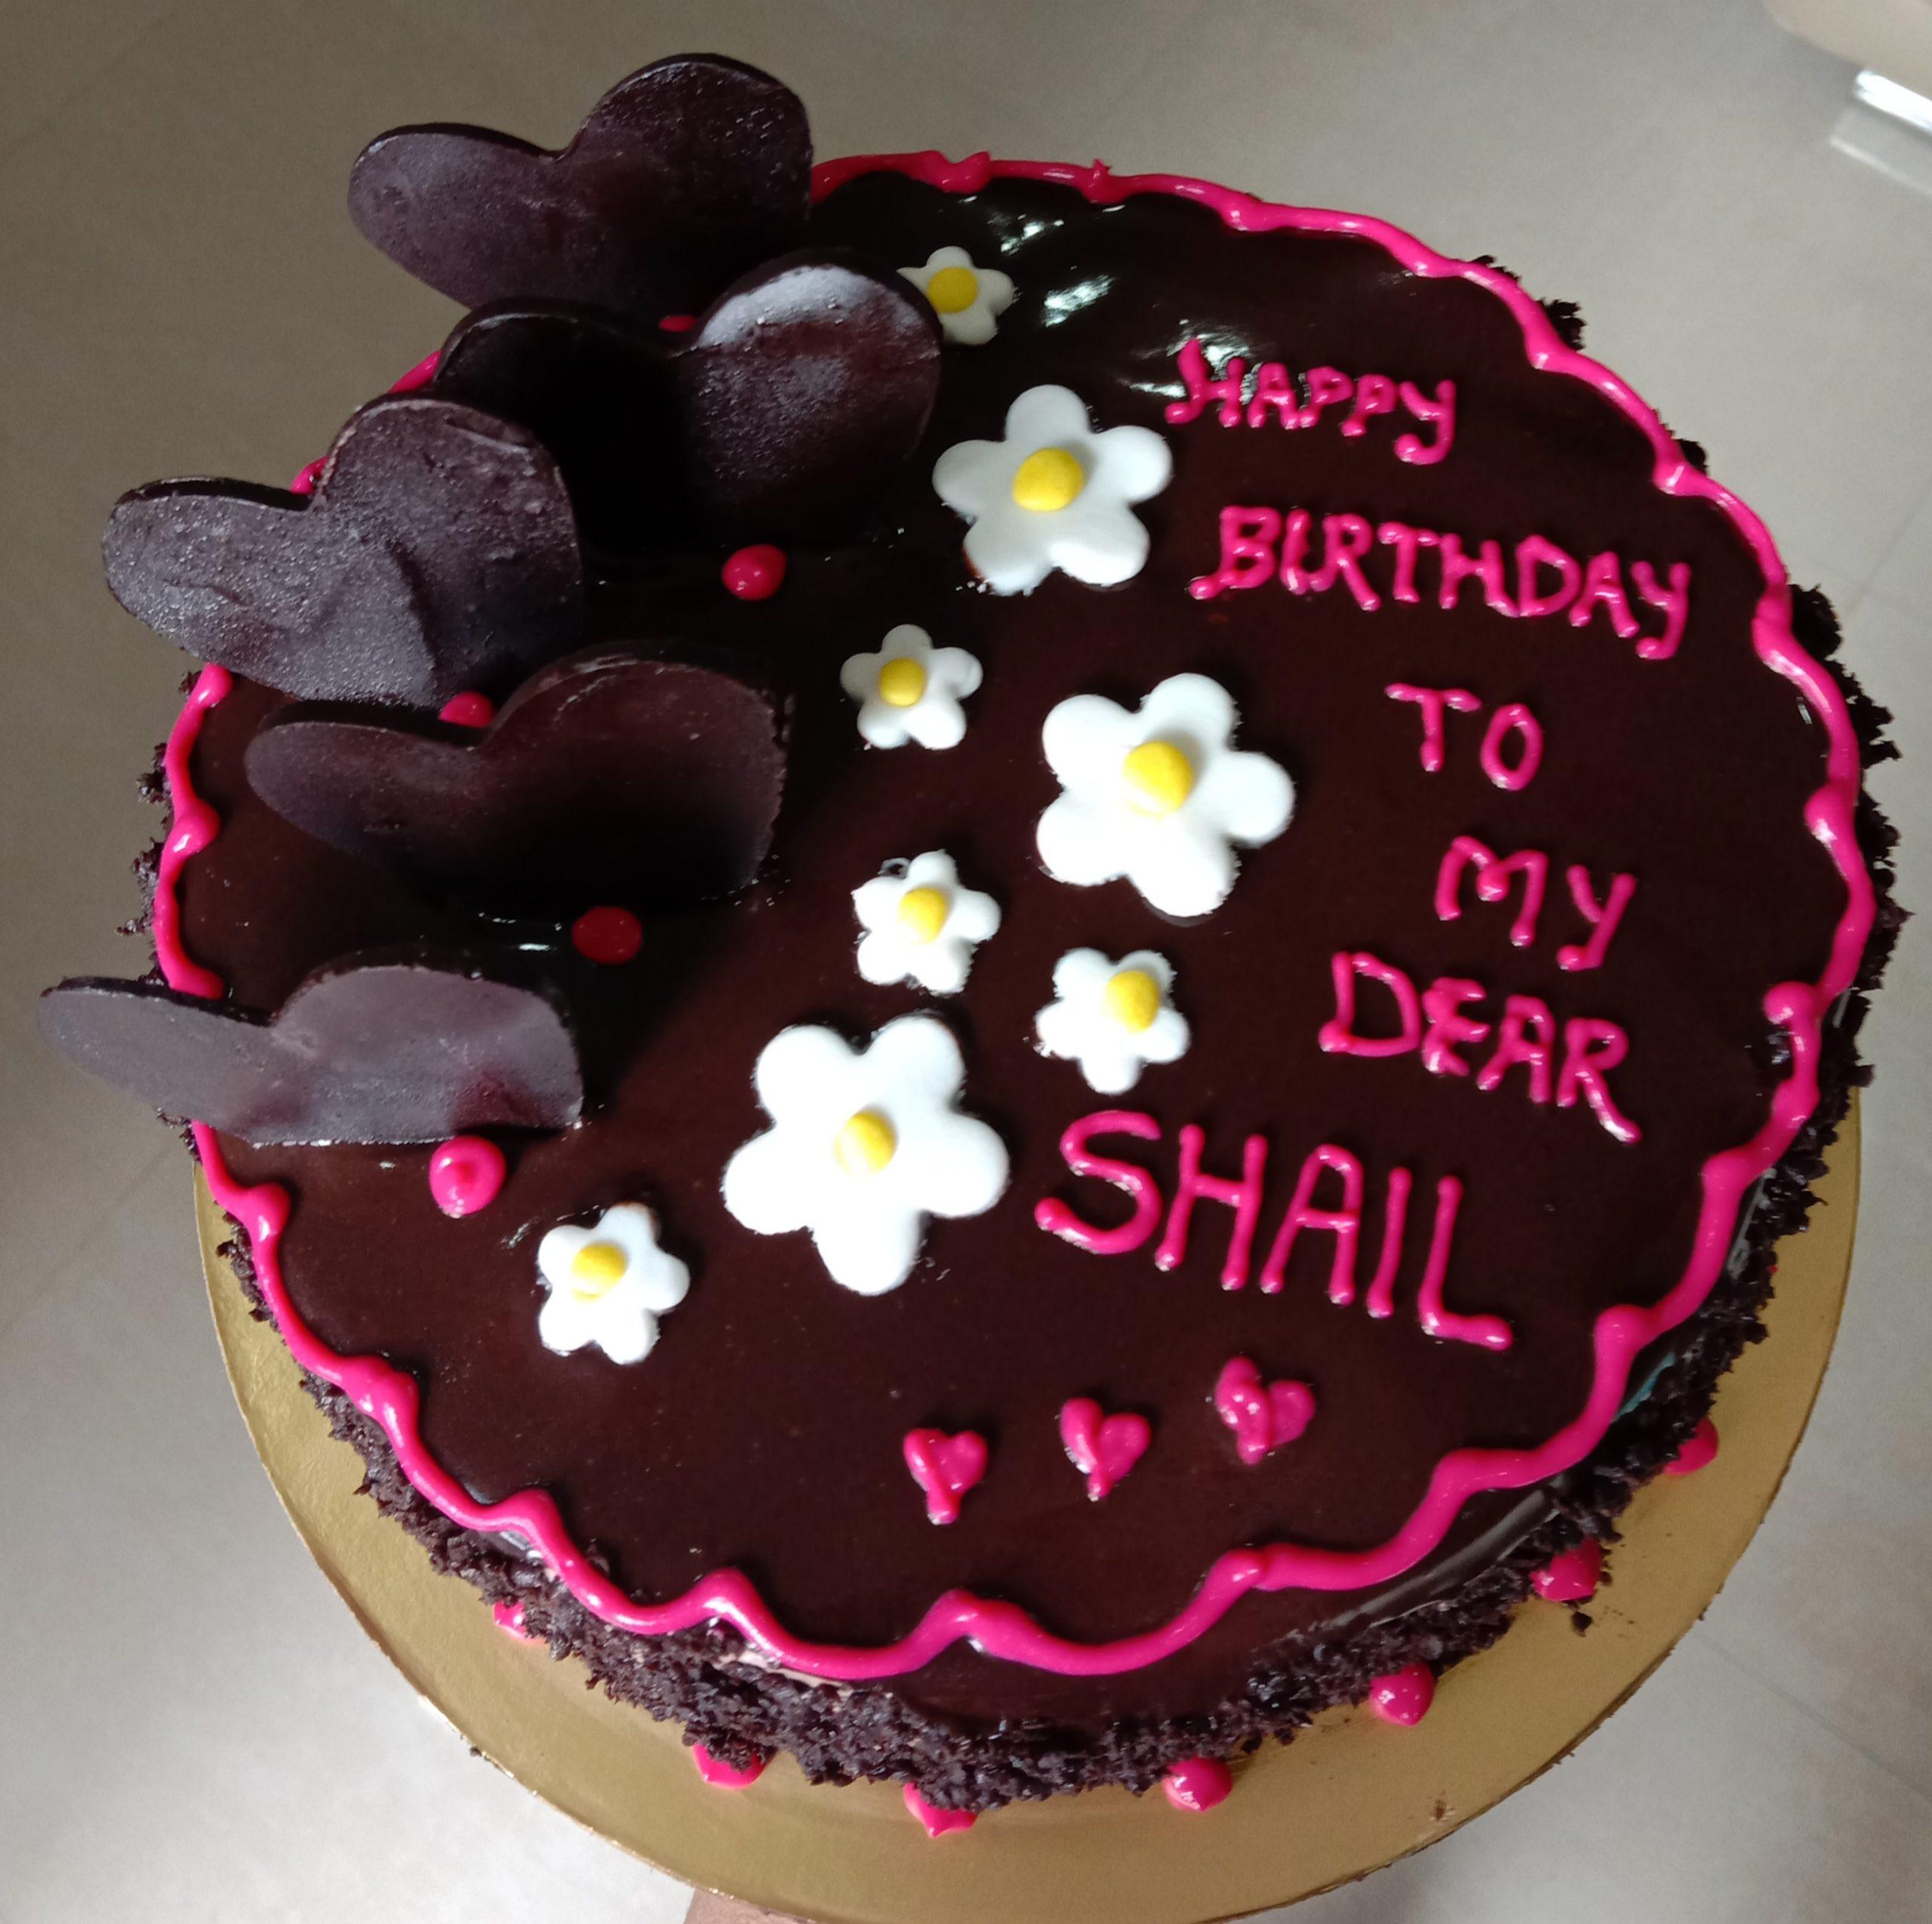 Dark Chocolate Cake Designs, Images, Price Near Me